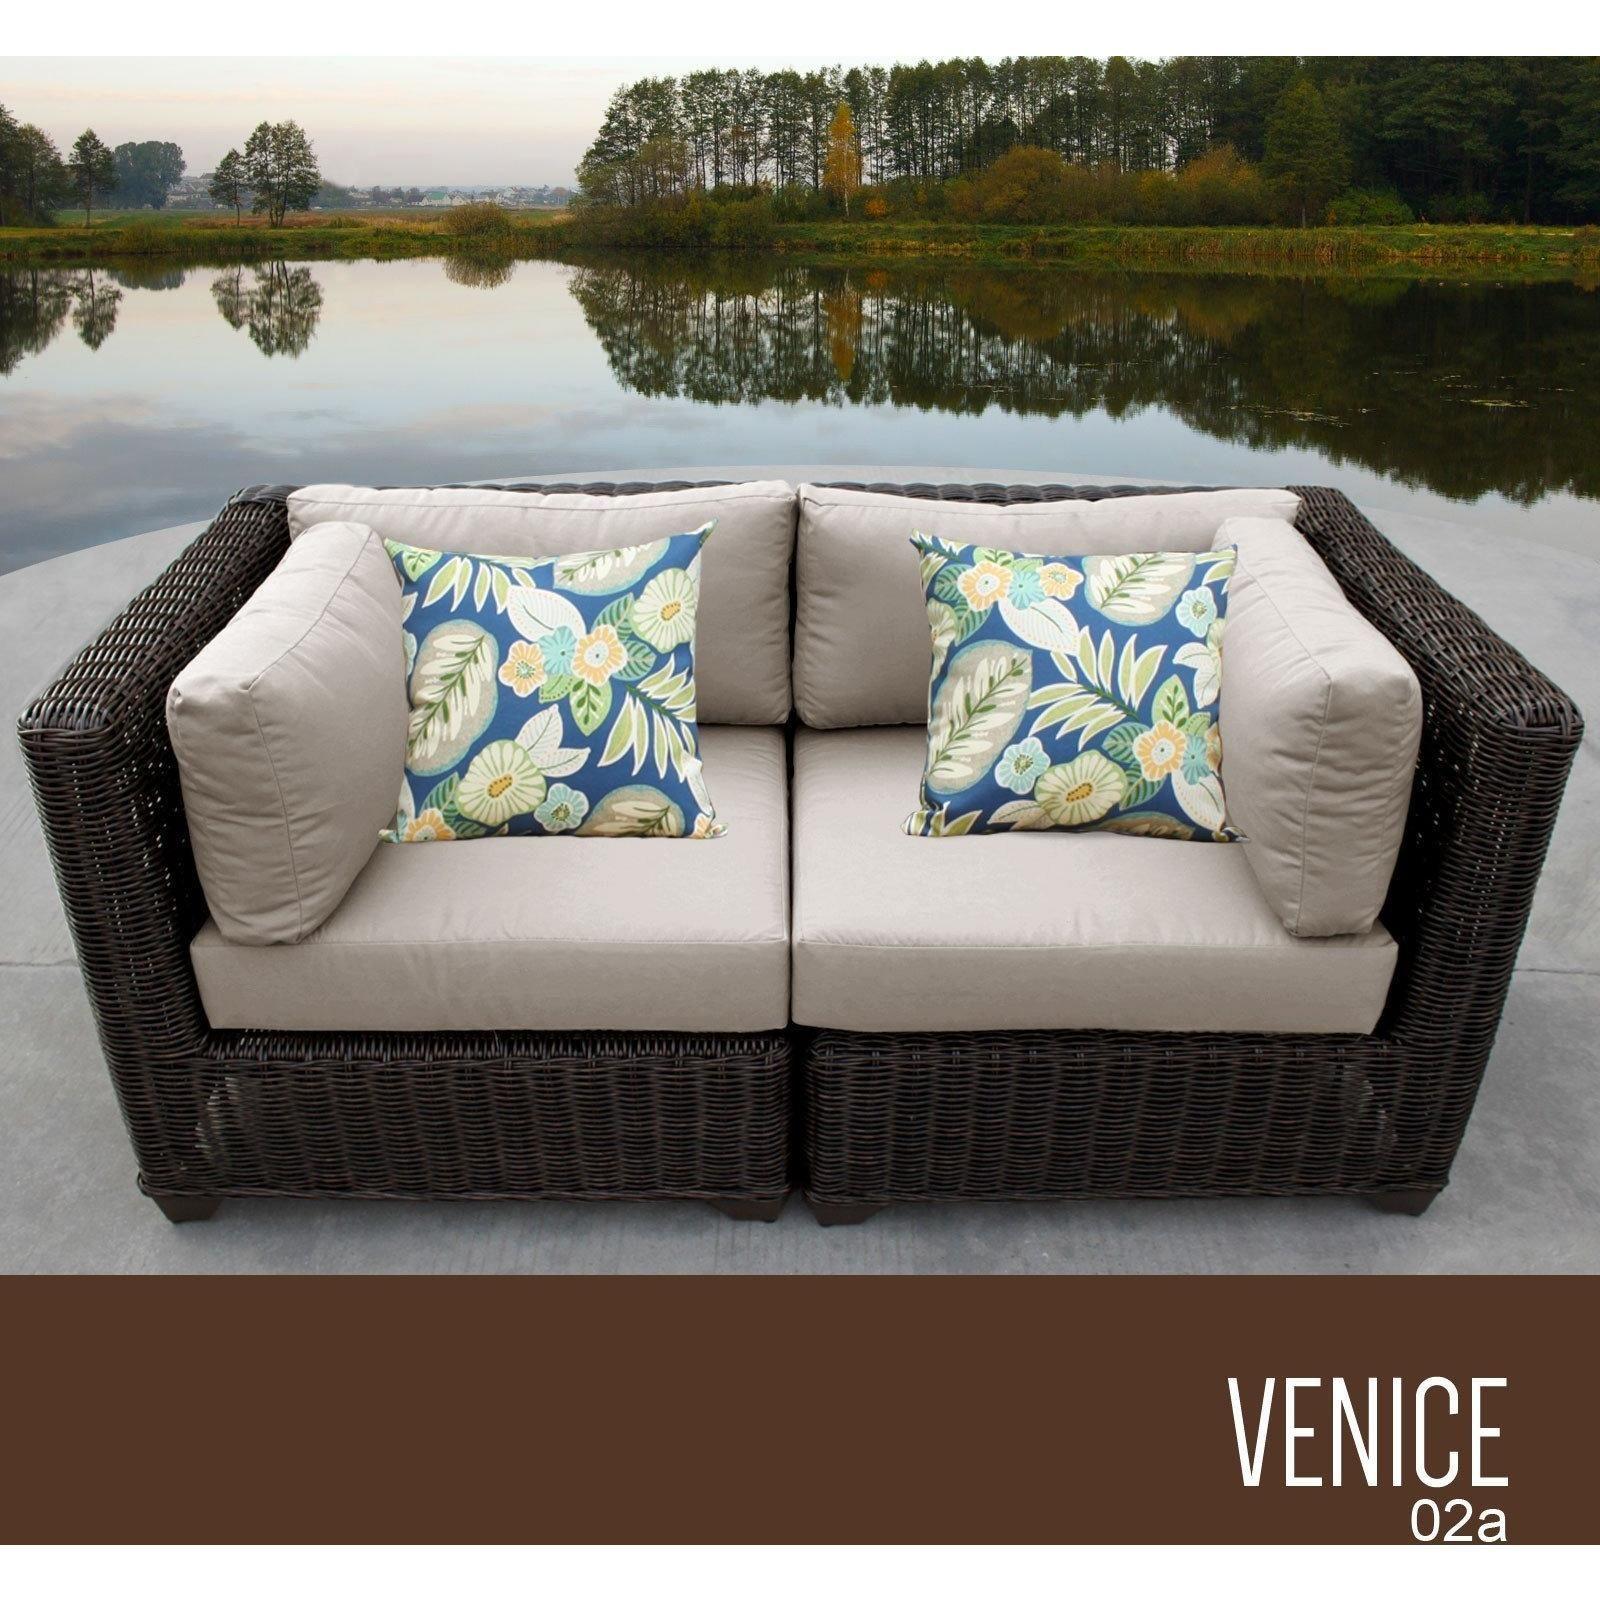 Venice 2 Piece Outdoor Wicker Patio Furniture Set 02a